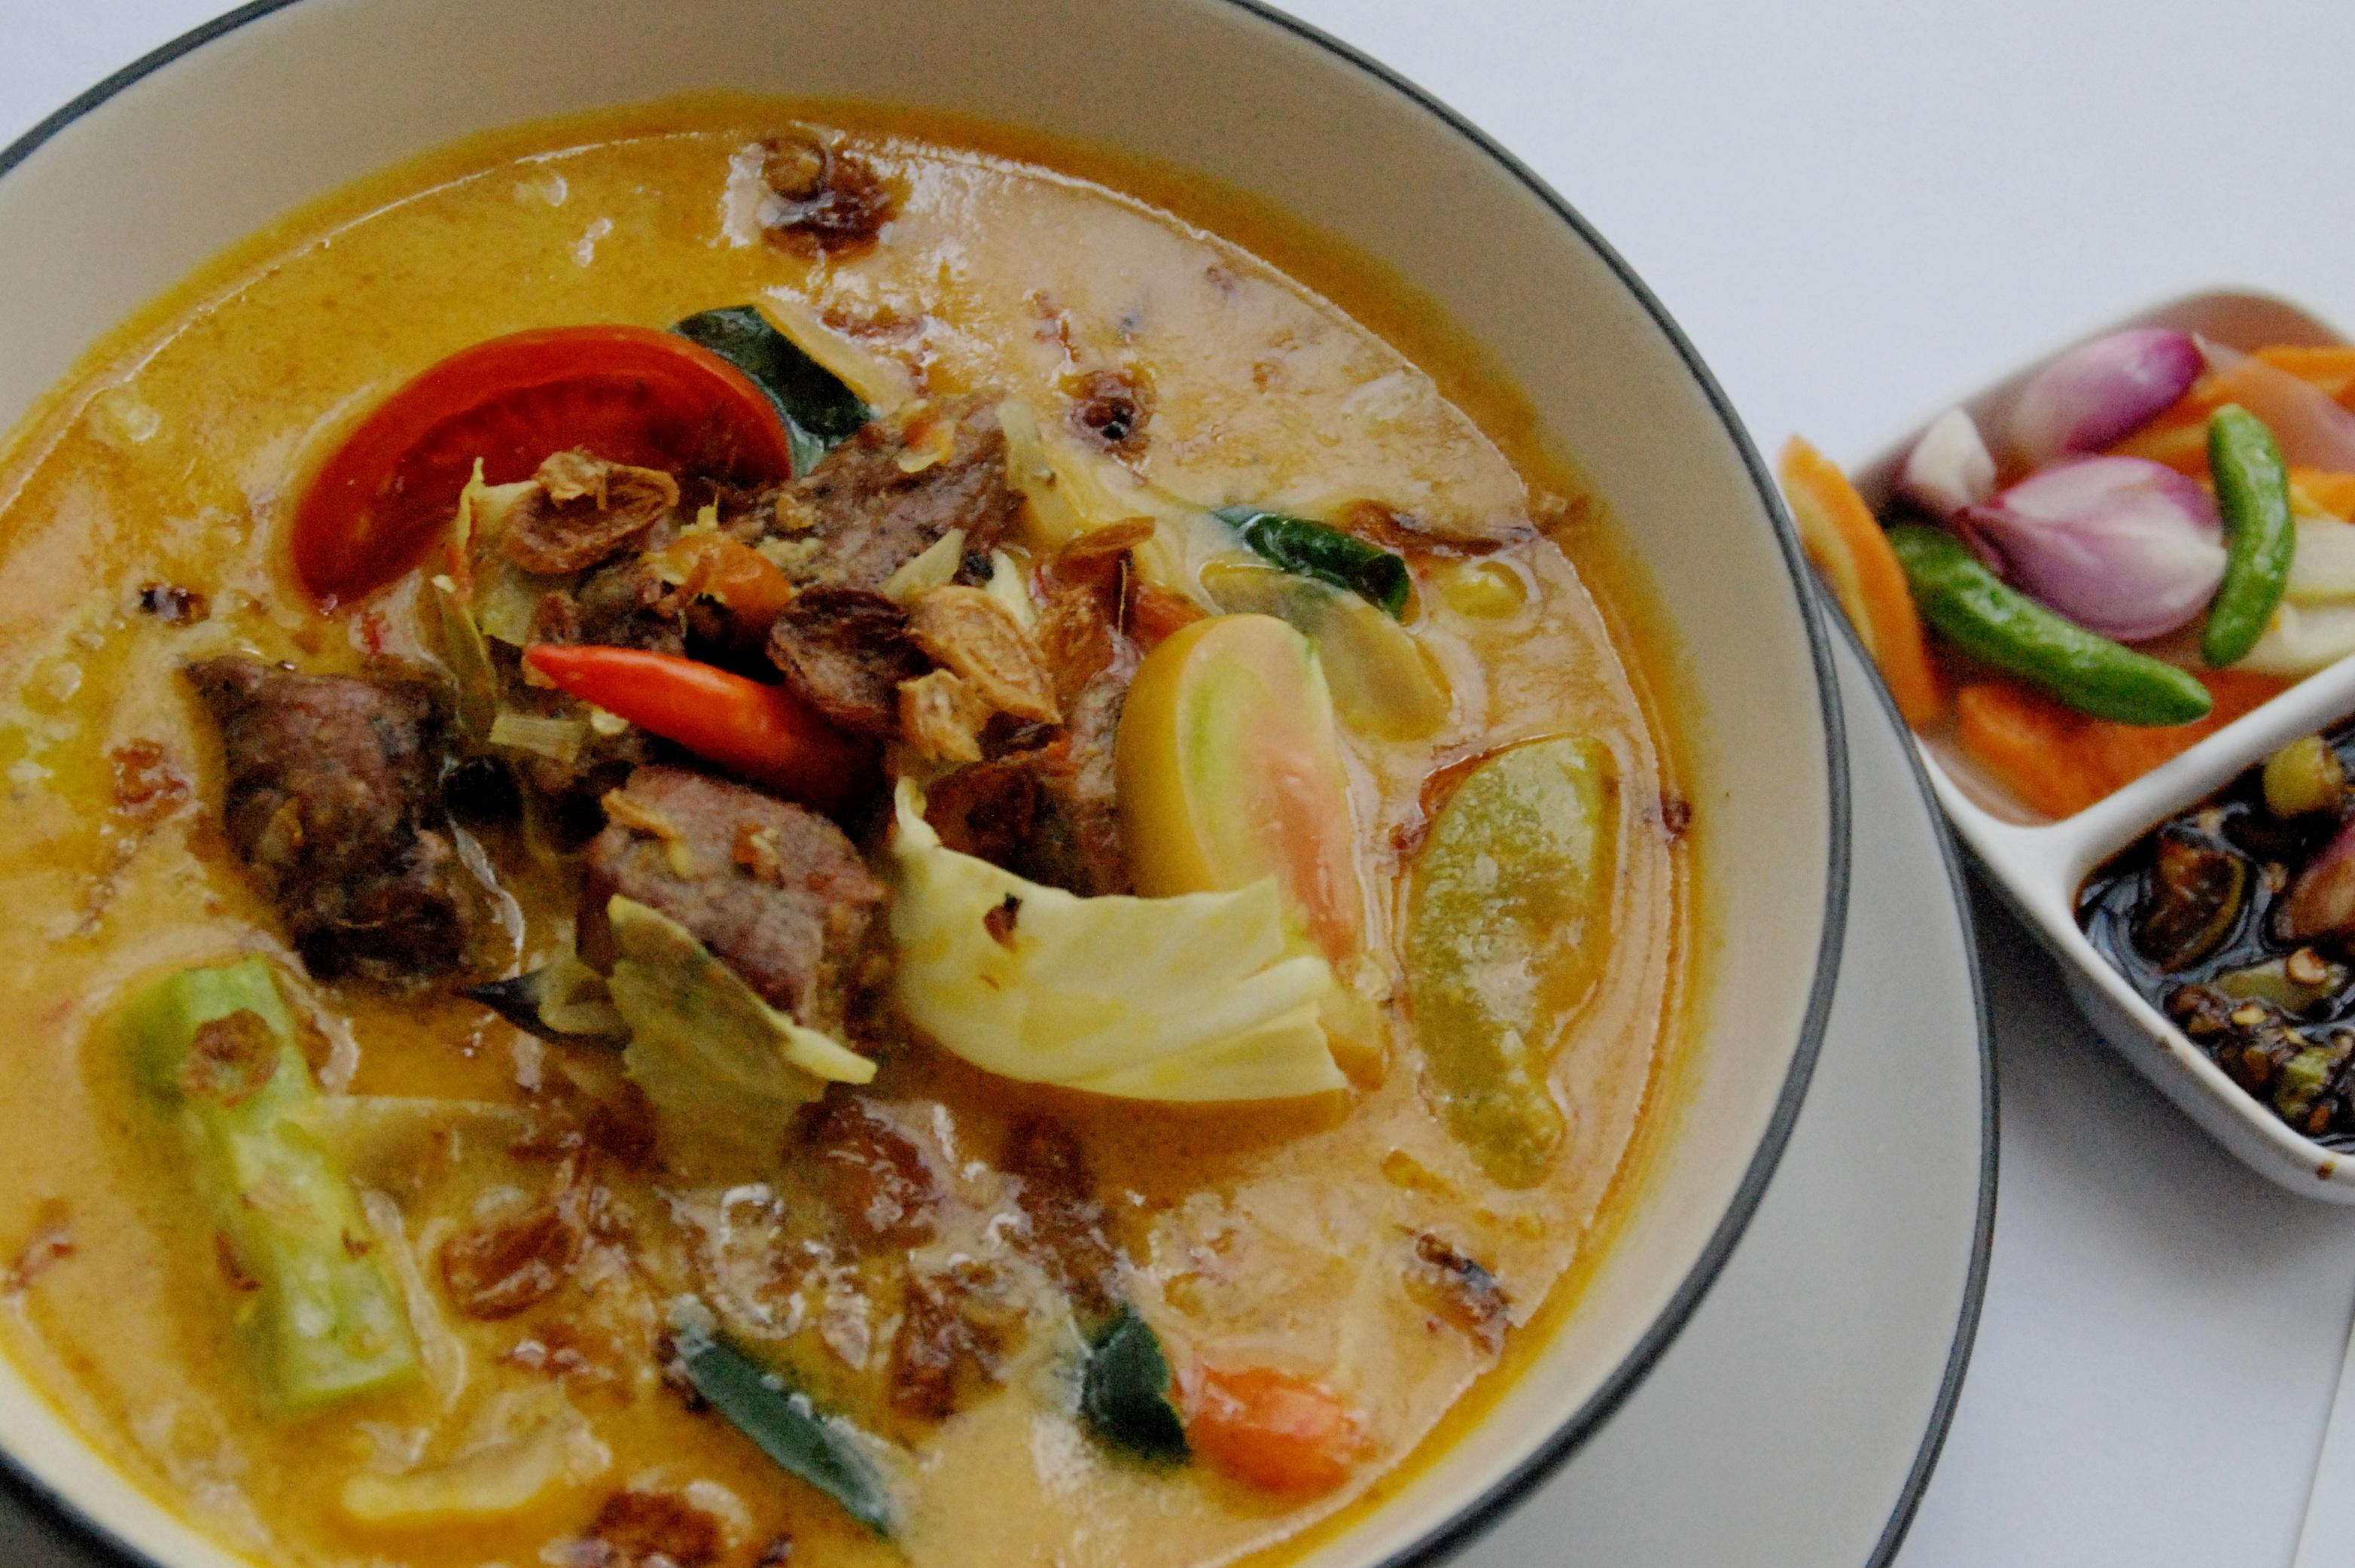 Resep Tongseng Ayam Sederhana Yang Begitu Khas Daerah